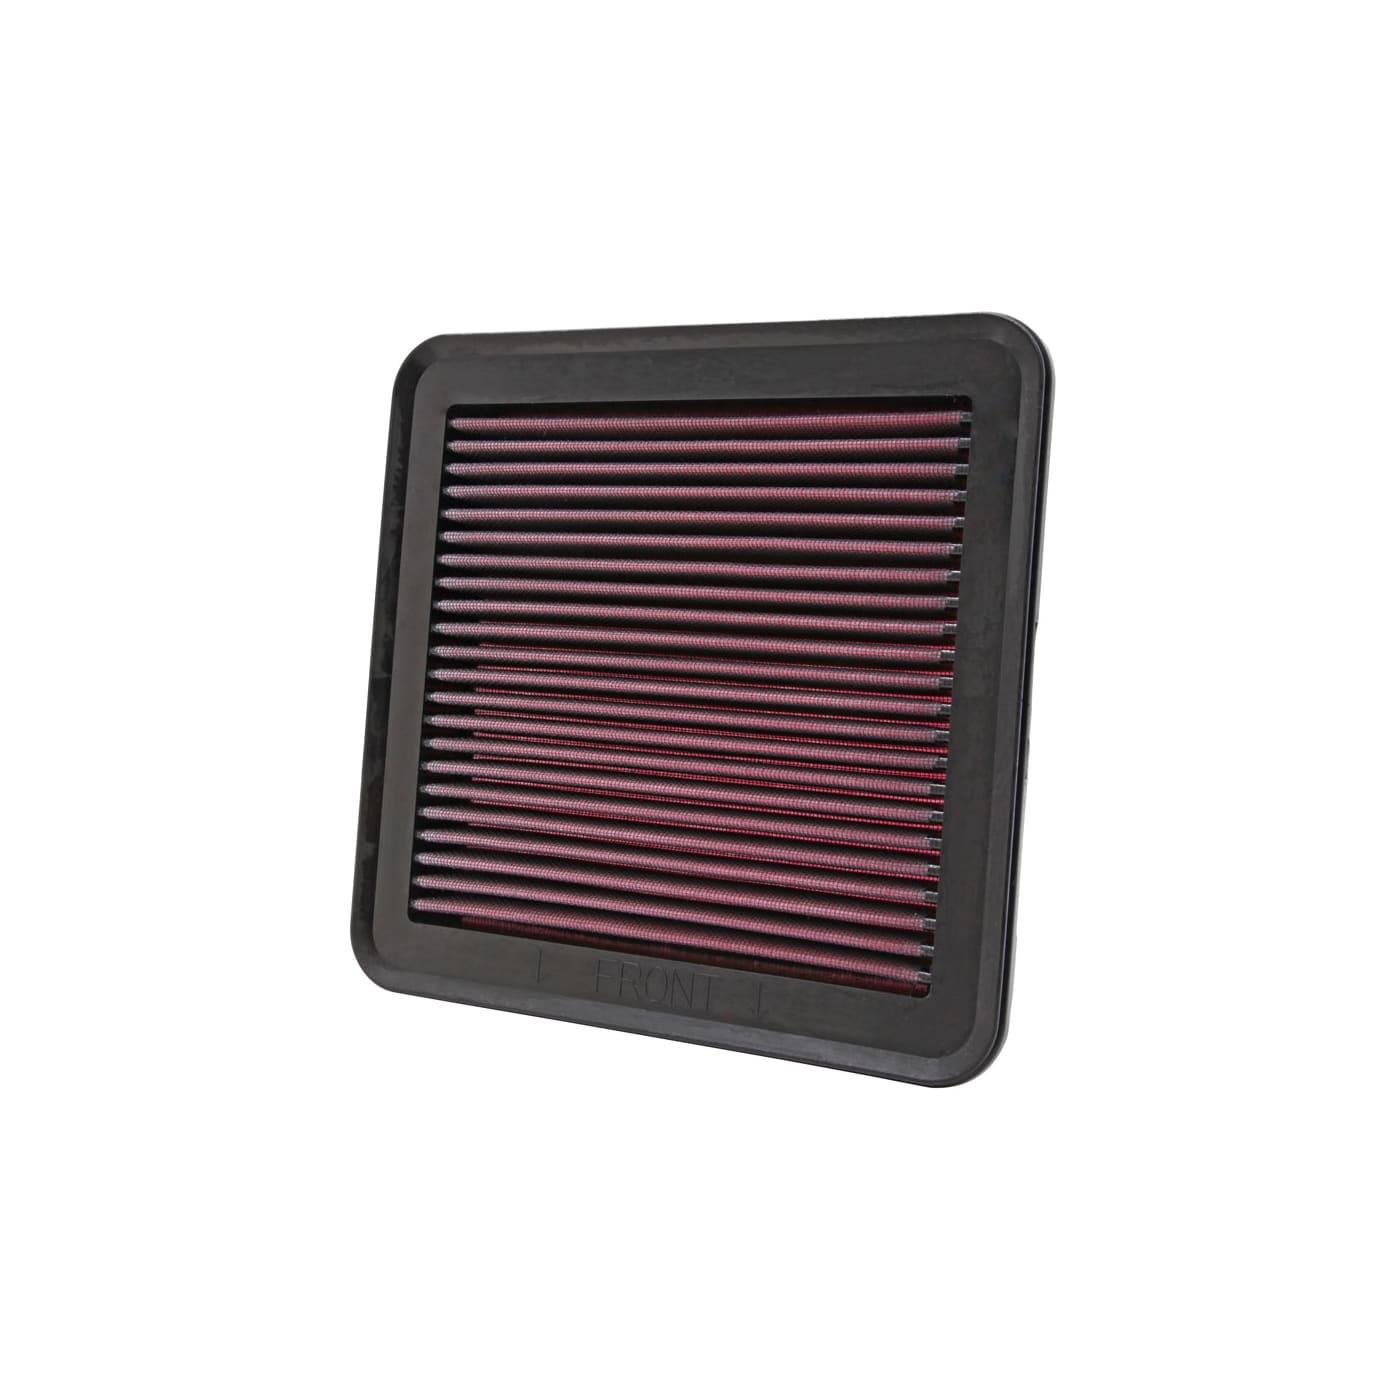 K/&N Filters Luftfilter 33-2951 für MITSUBISHI